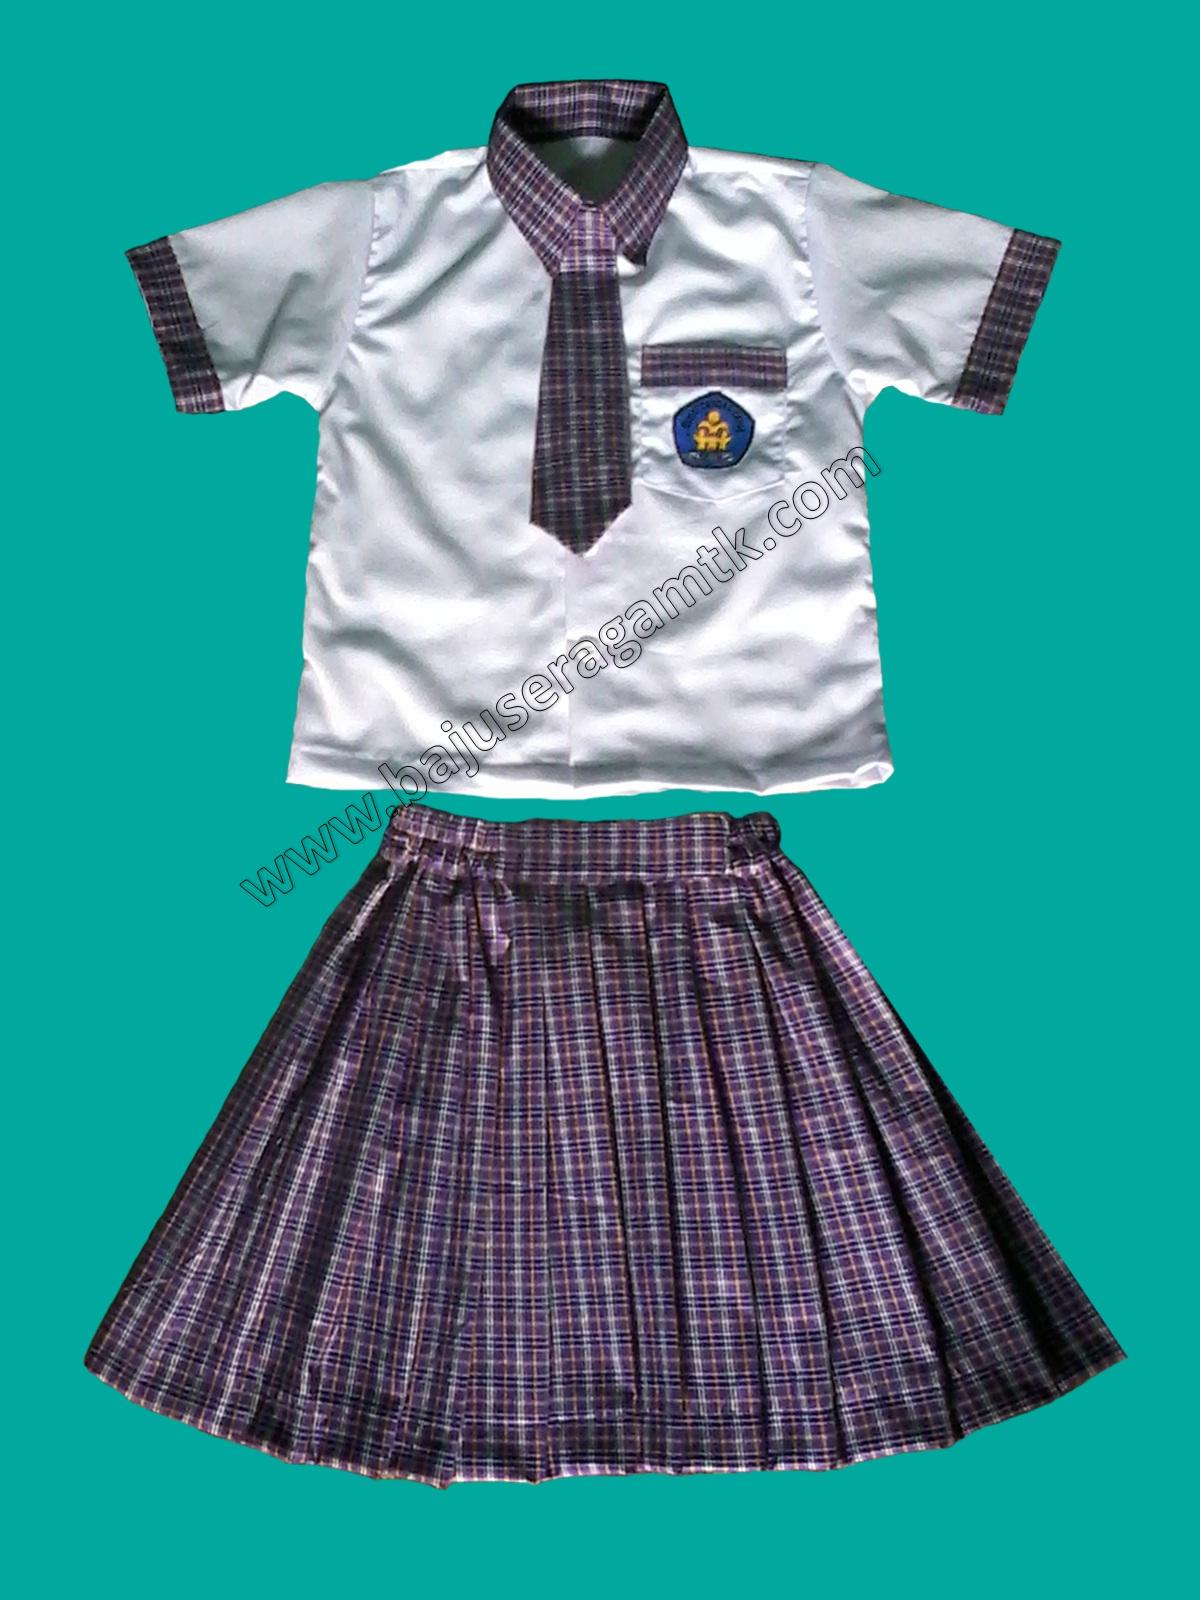 Gambar Desain Baju Anak - Koleksi Gambar HD